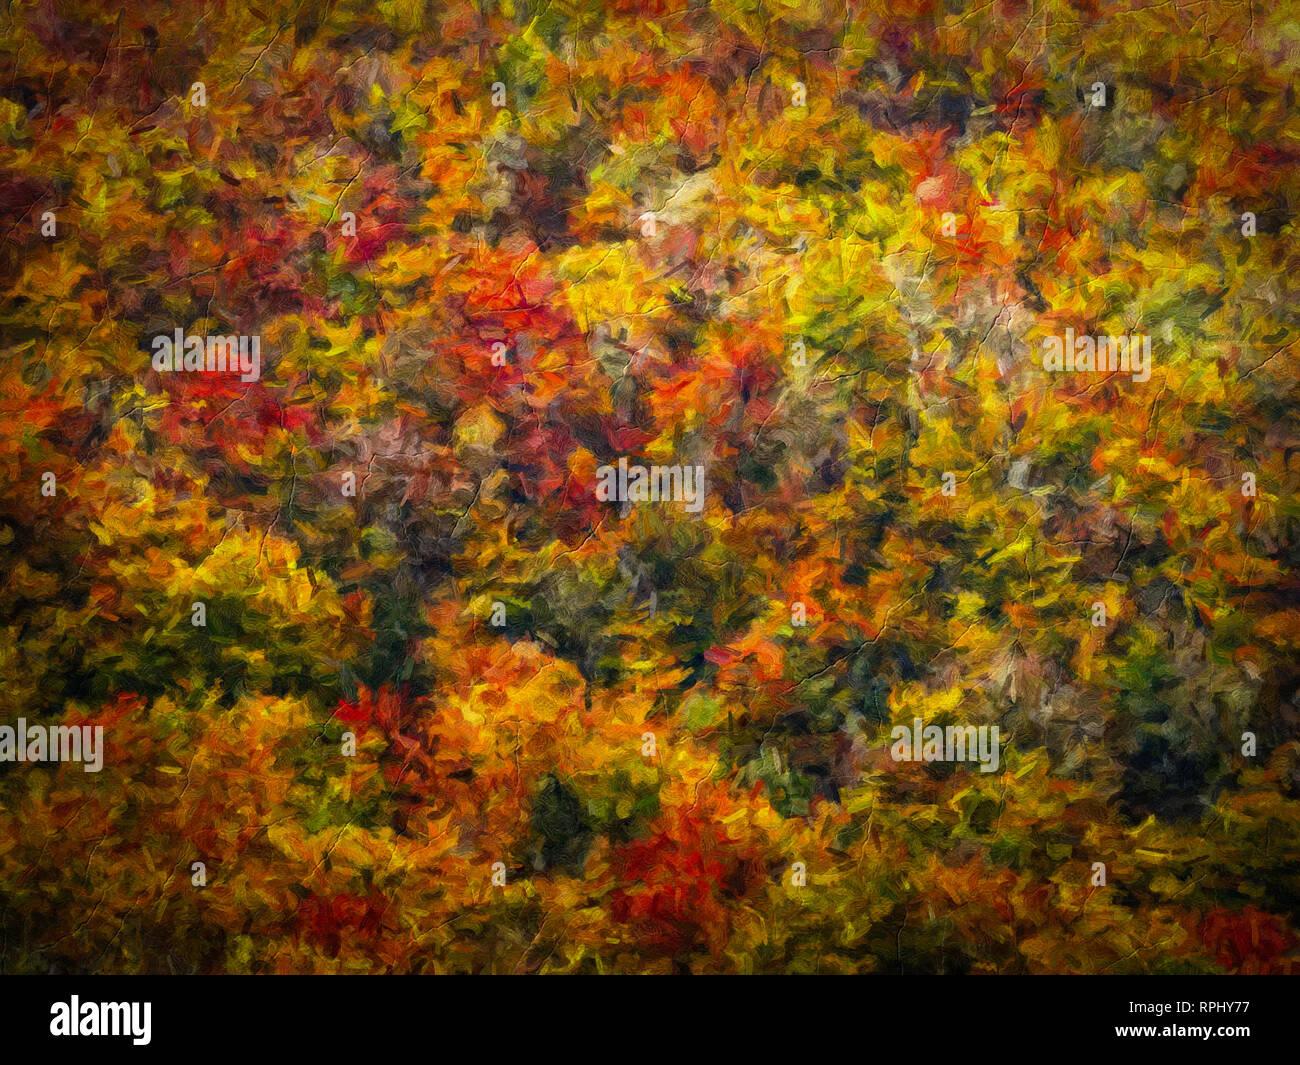 Abstract digital il dipinto a olio su tela piena di consistenza e colore brillante Immagini Stock